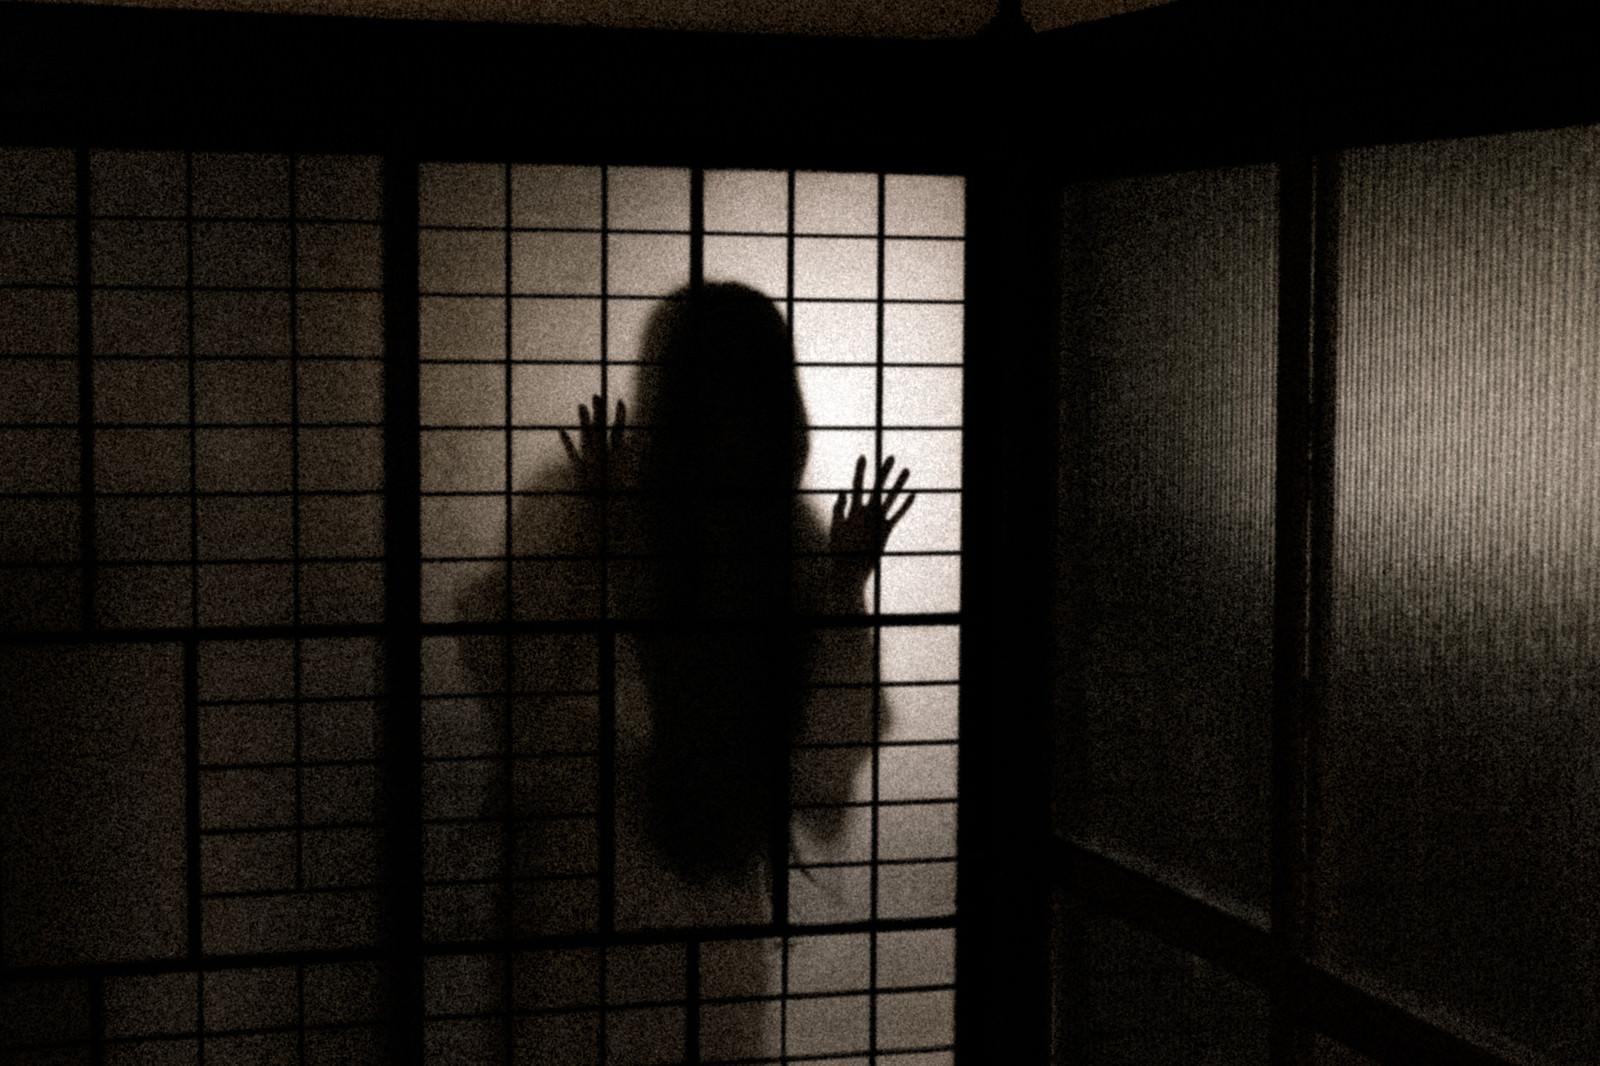 「深夜、誰もいない部屋に人影が…」の写真[モデル:緋真煉]